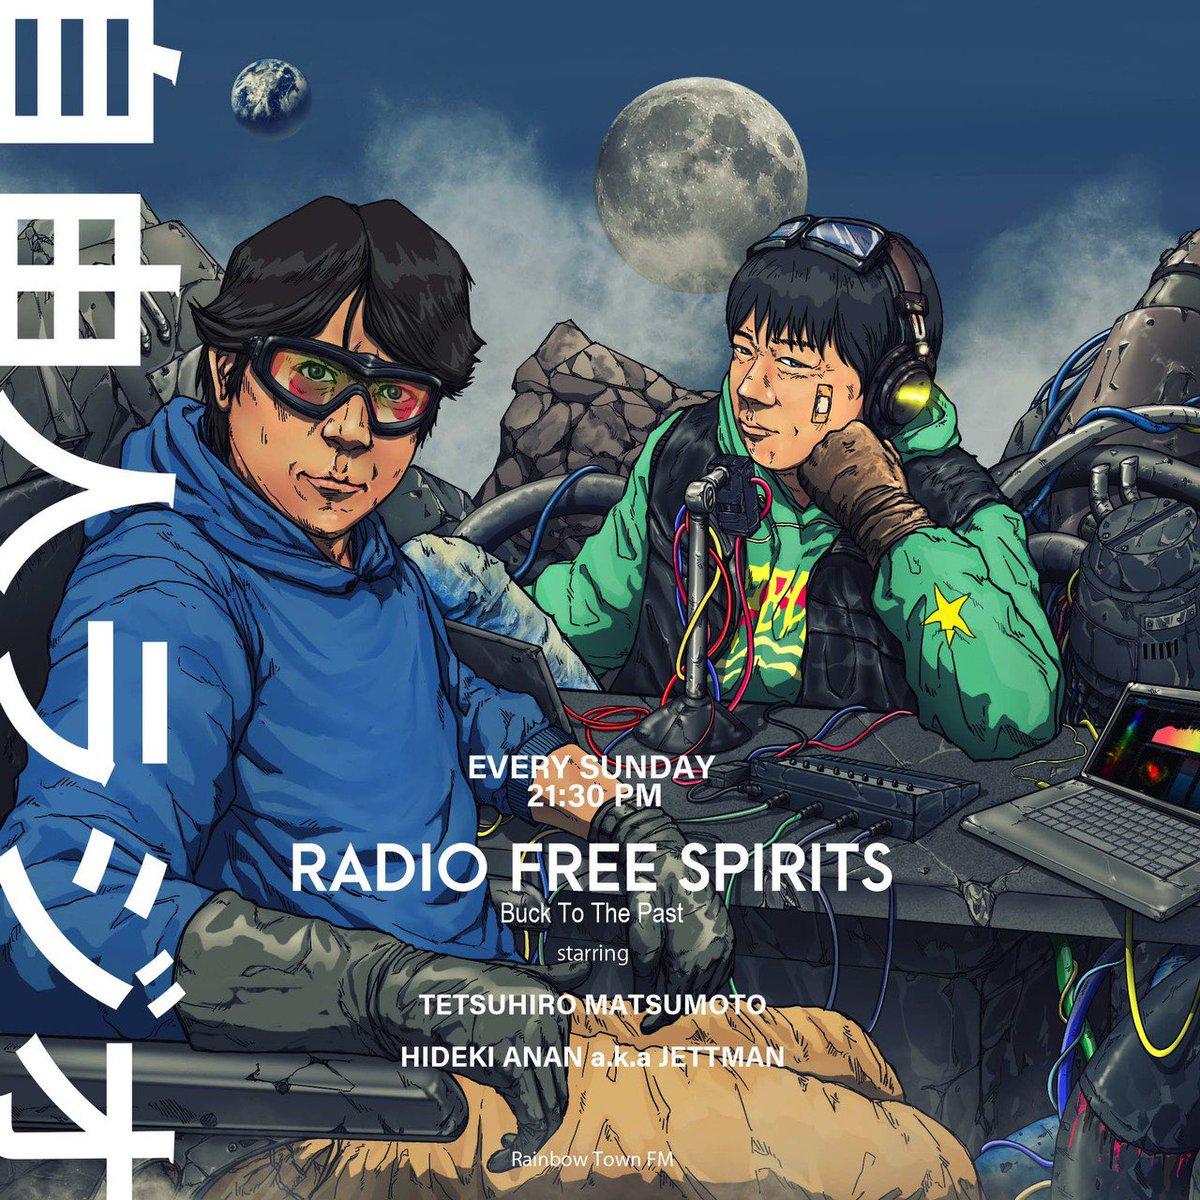 自由人ラジオのイメージ